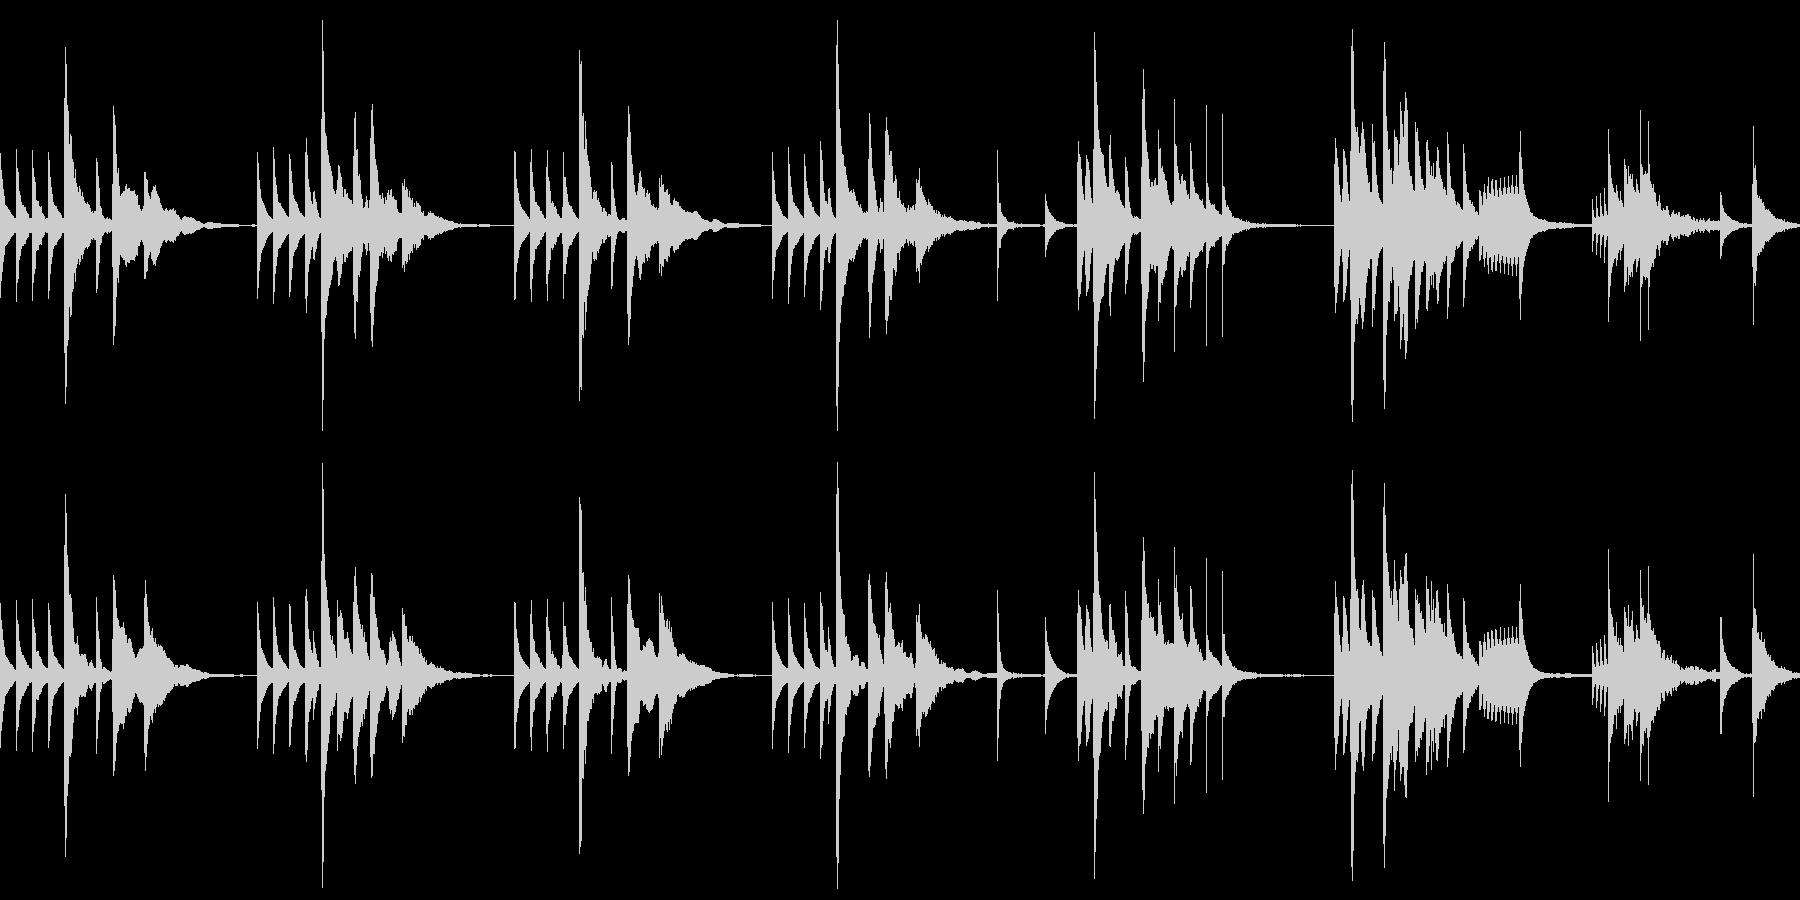 ループ仕様 怪しいジャズなグルメ番組風の未再生の波形